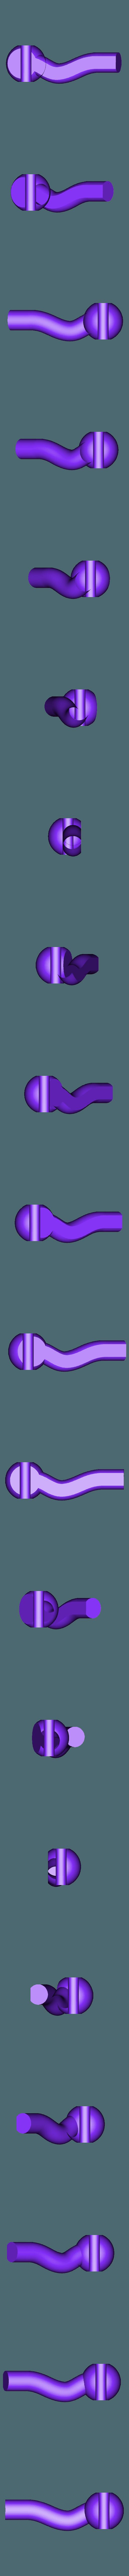 left_arm_flipped.stl Télécharger fichier STL gratuit Modèle standard super-symétrique minimal bosons de Higgs • Objet imprimable en 3D, Mostlydecaf